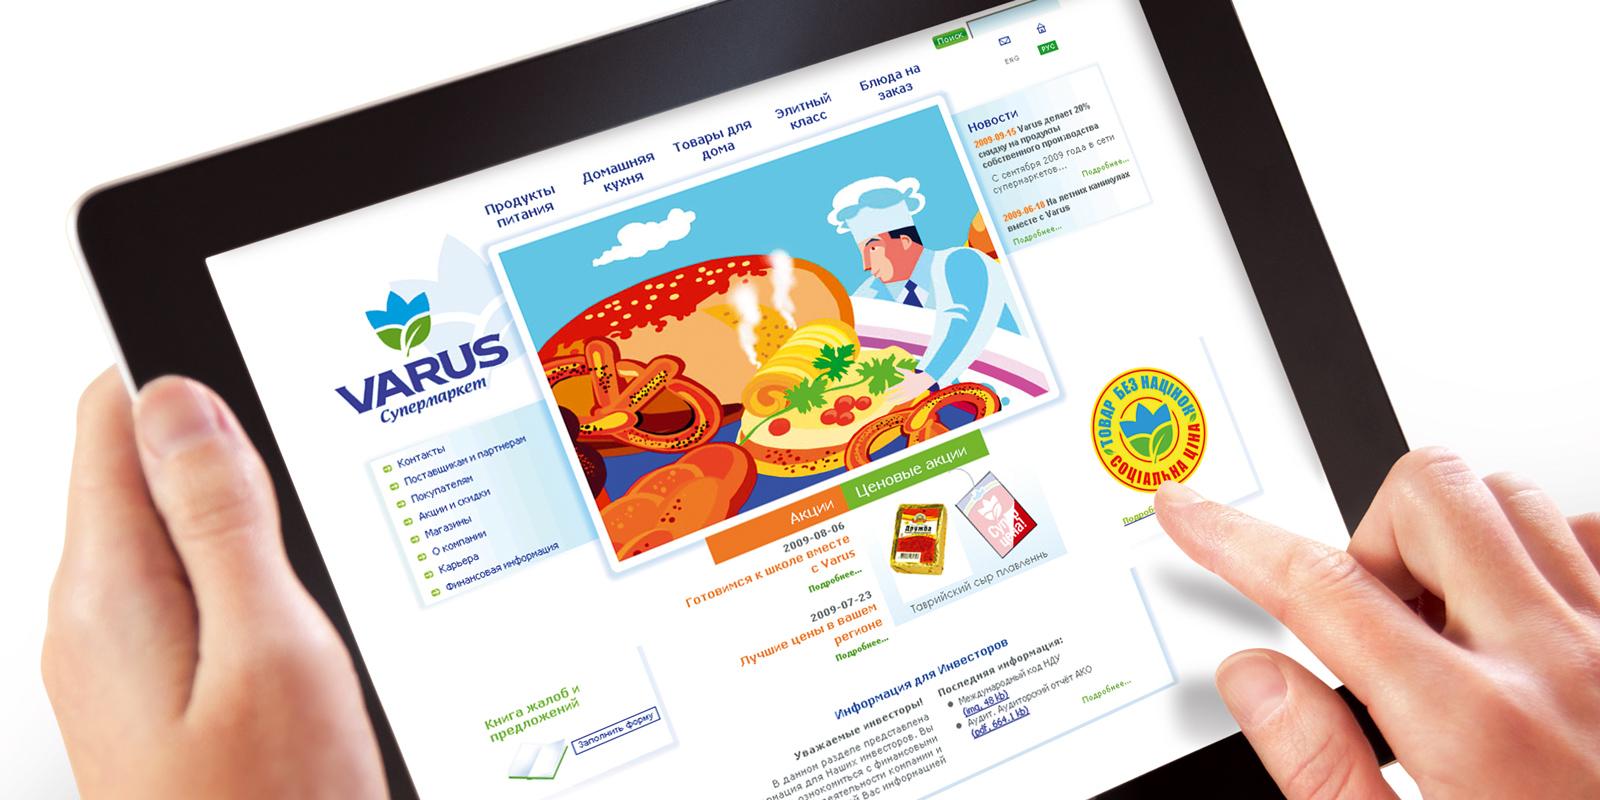 Сеть супермаркетов Varus;;;;;;Разработка и дизайн сайта;;;;;;<span>Клиент:</span> Сеть супермаркетов Varus;;;;;;;;;;;;Разработка и дизайн сайта;;;;;; 3 ;;;;;;